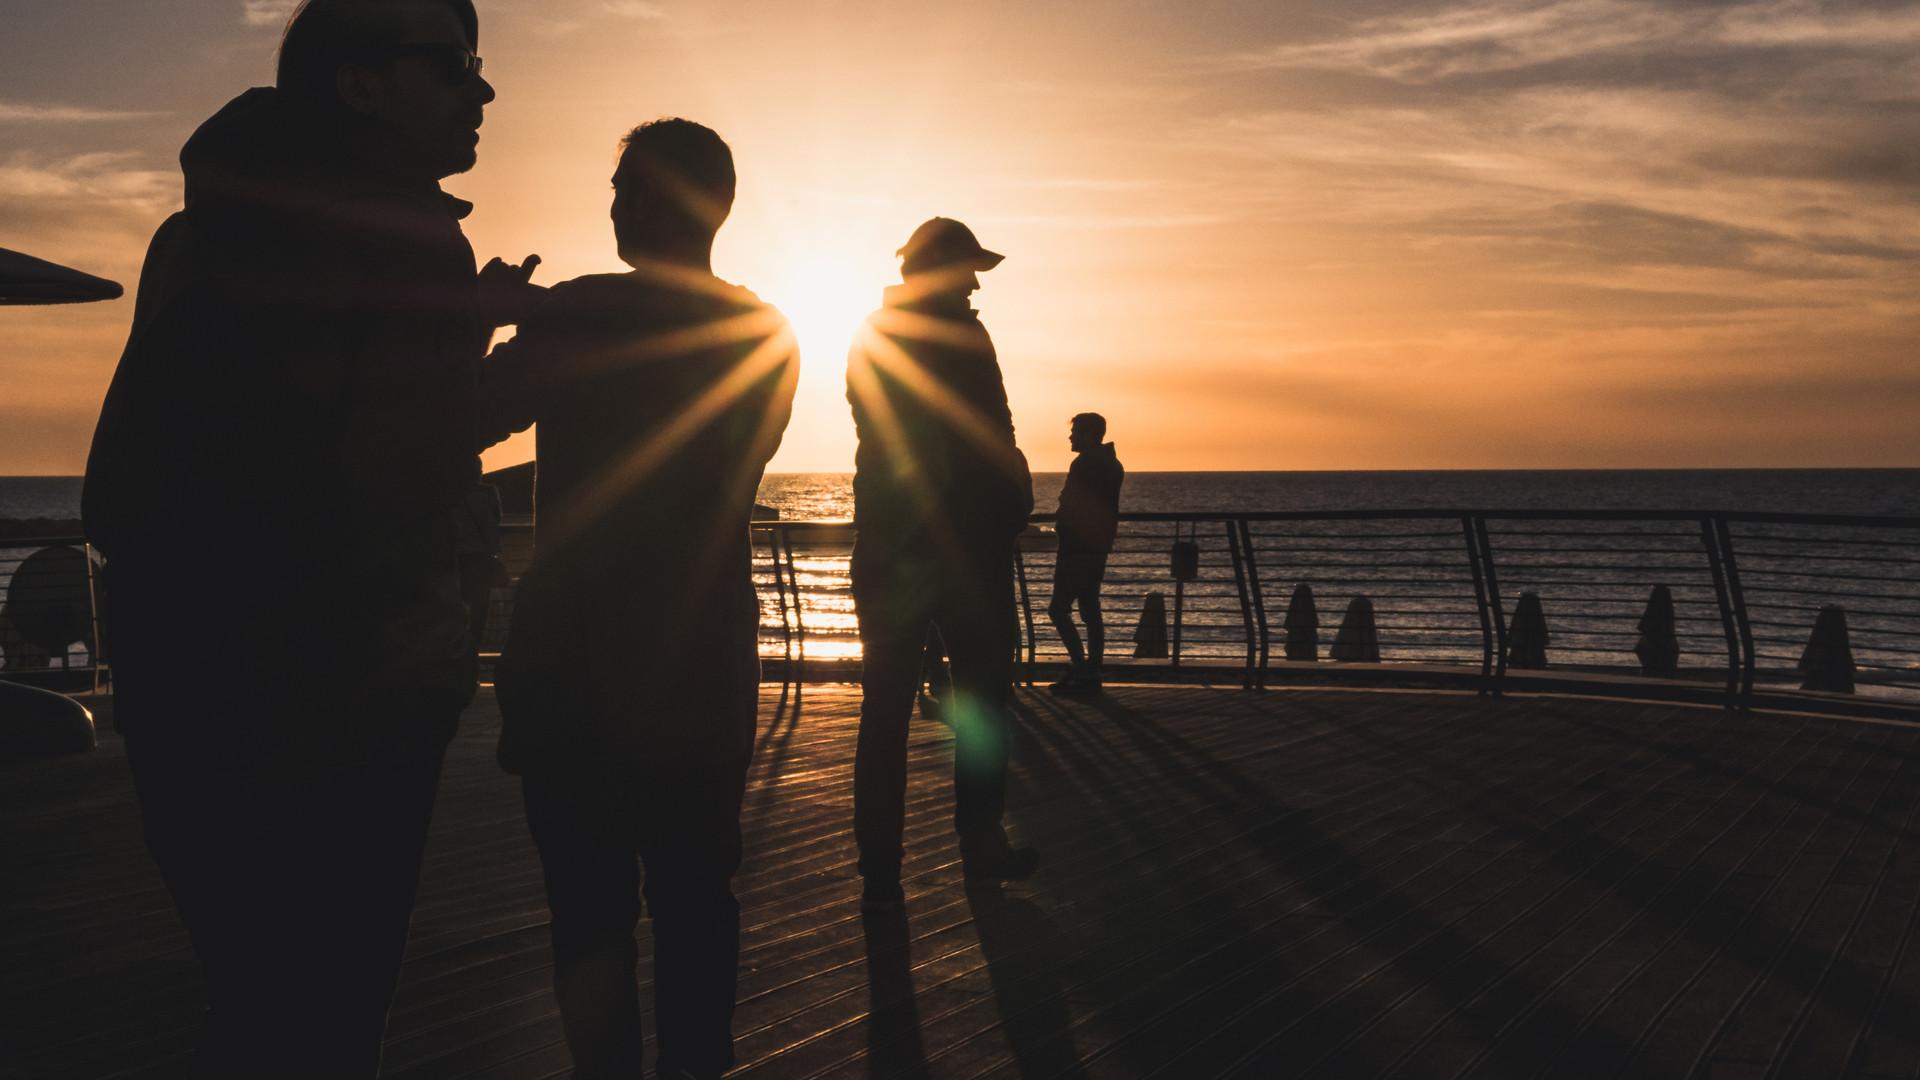 Men exploring the beach at sunset